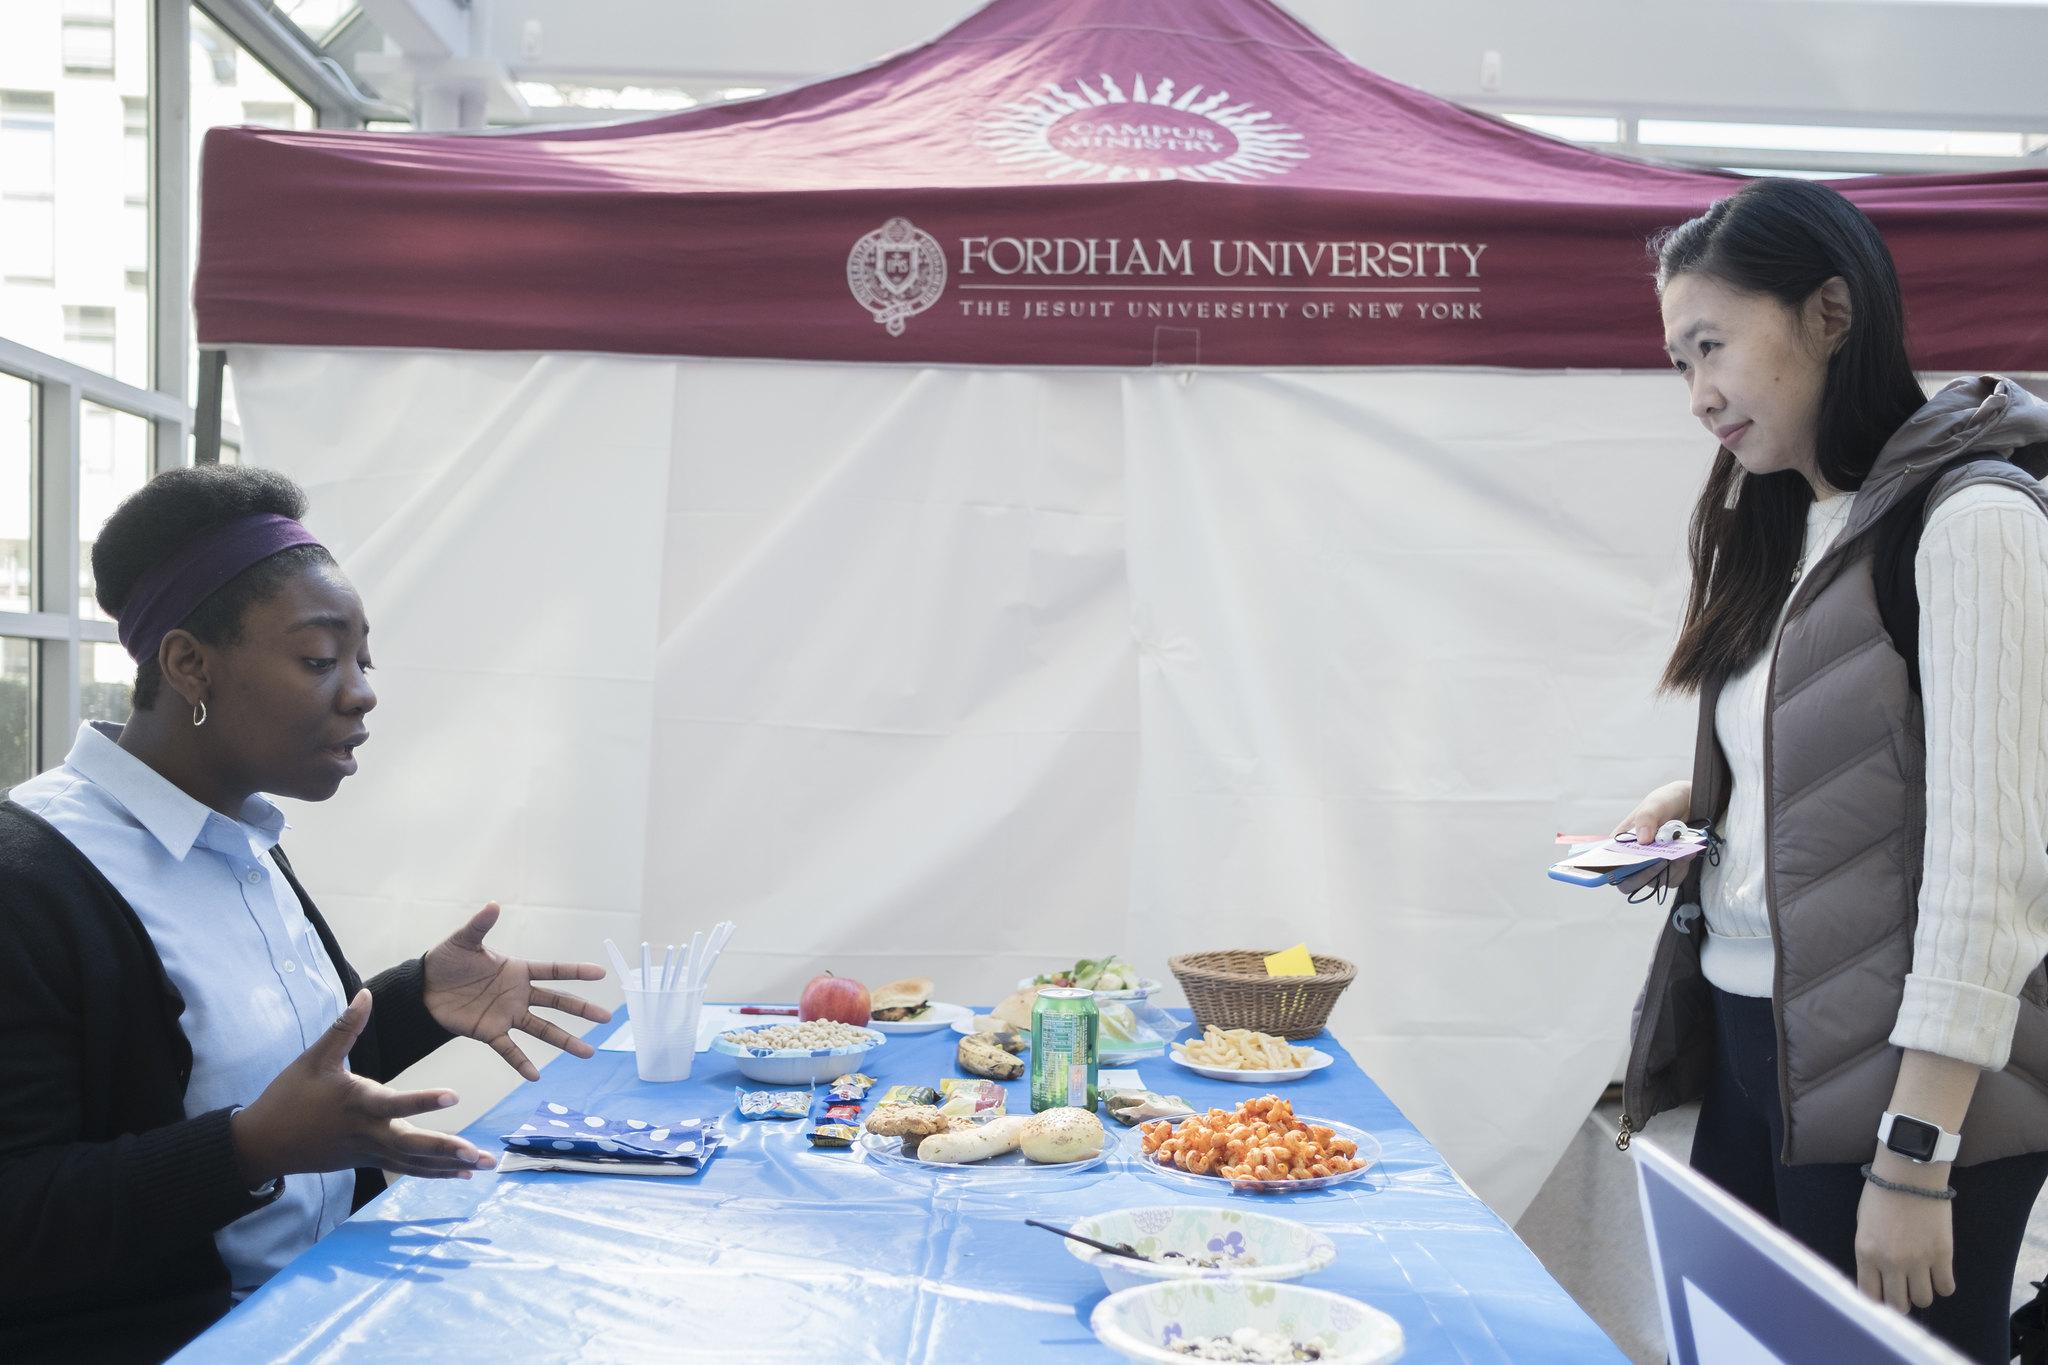 Refugee Simulation at Fordham University